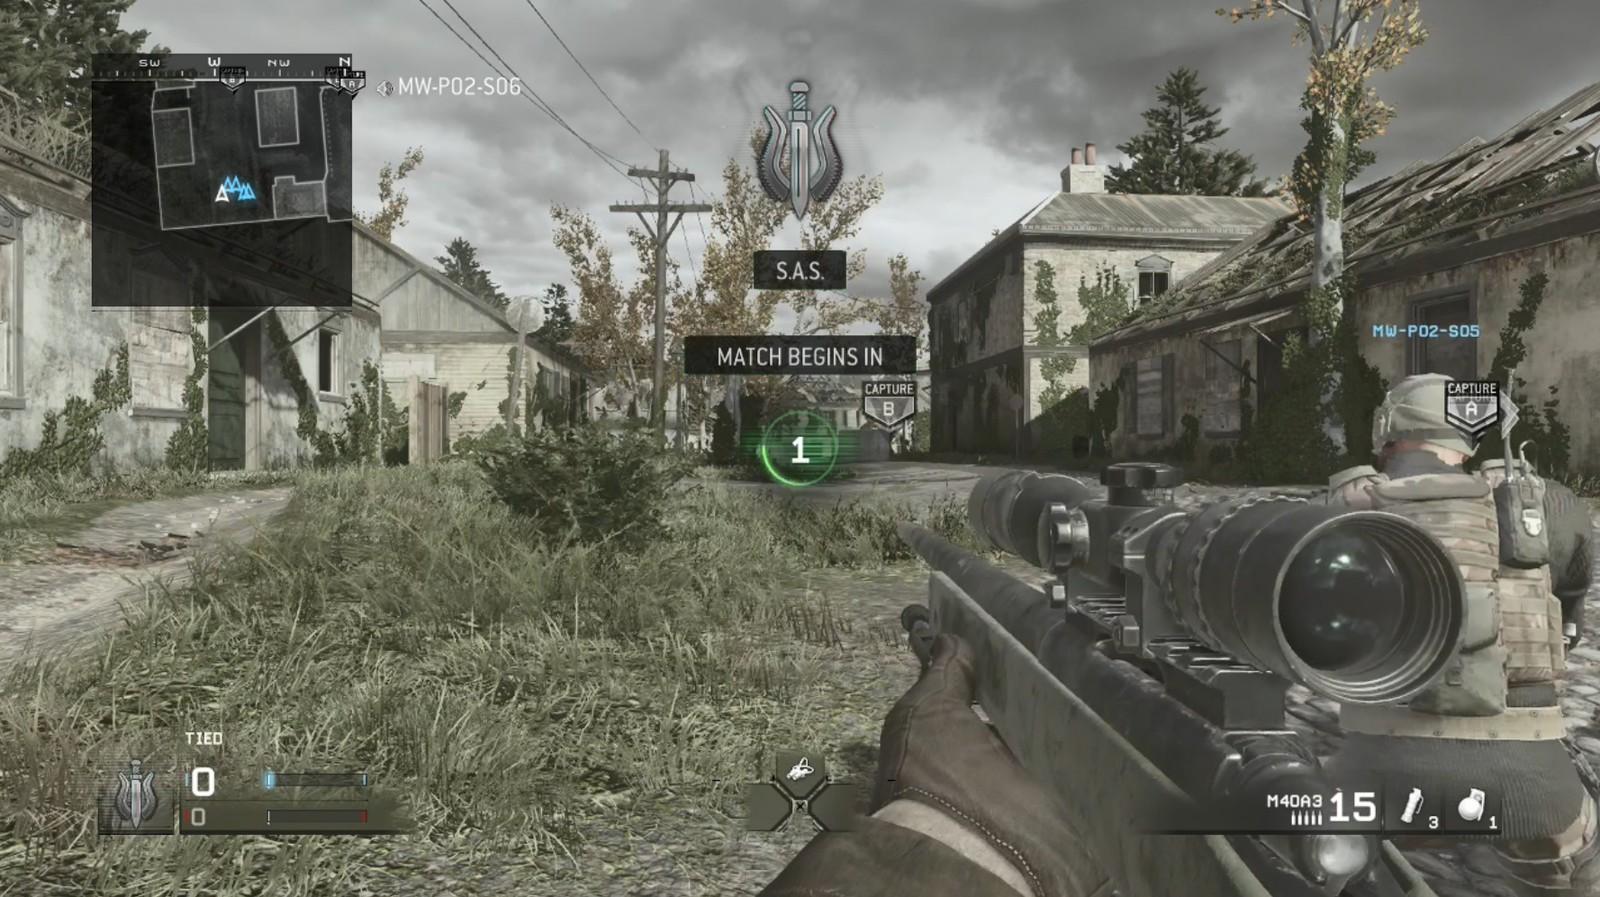 Les rumeurs vont bon train au sujet de Modern Warfare 2 Remastered, la remastérisation PS4 et Xbox One d'un classique de la série Call of Duty sorti en 2009 sur PS3 et Xbox 360.